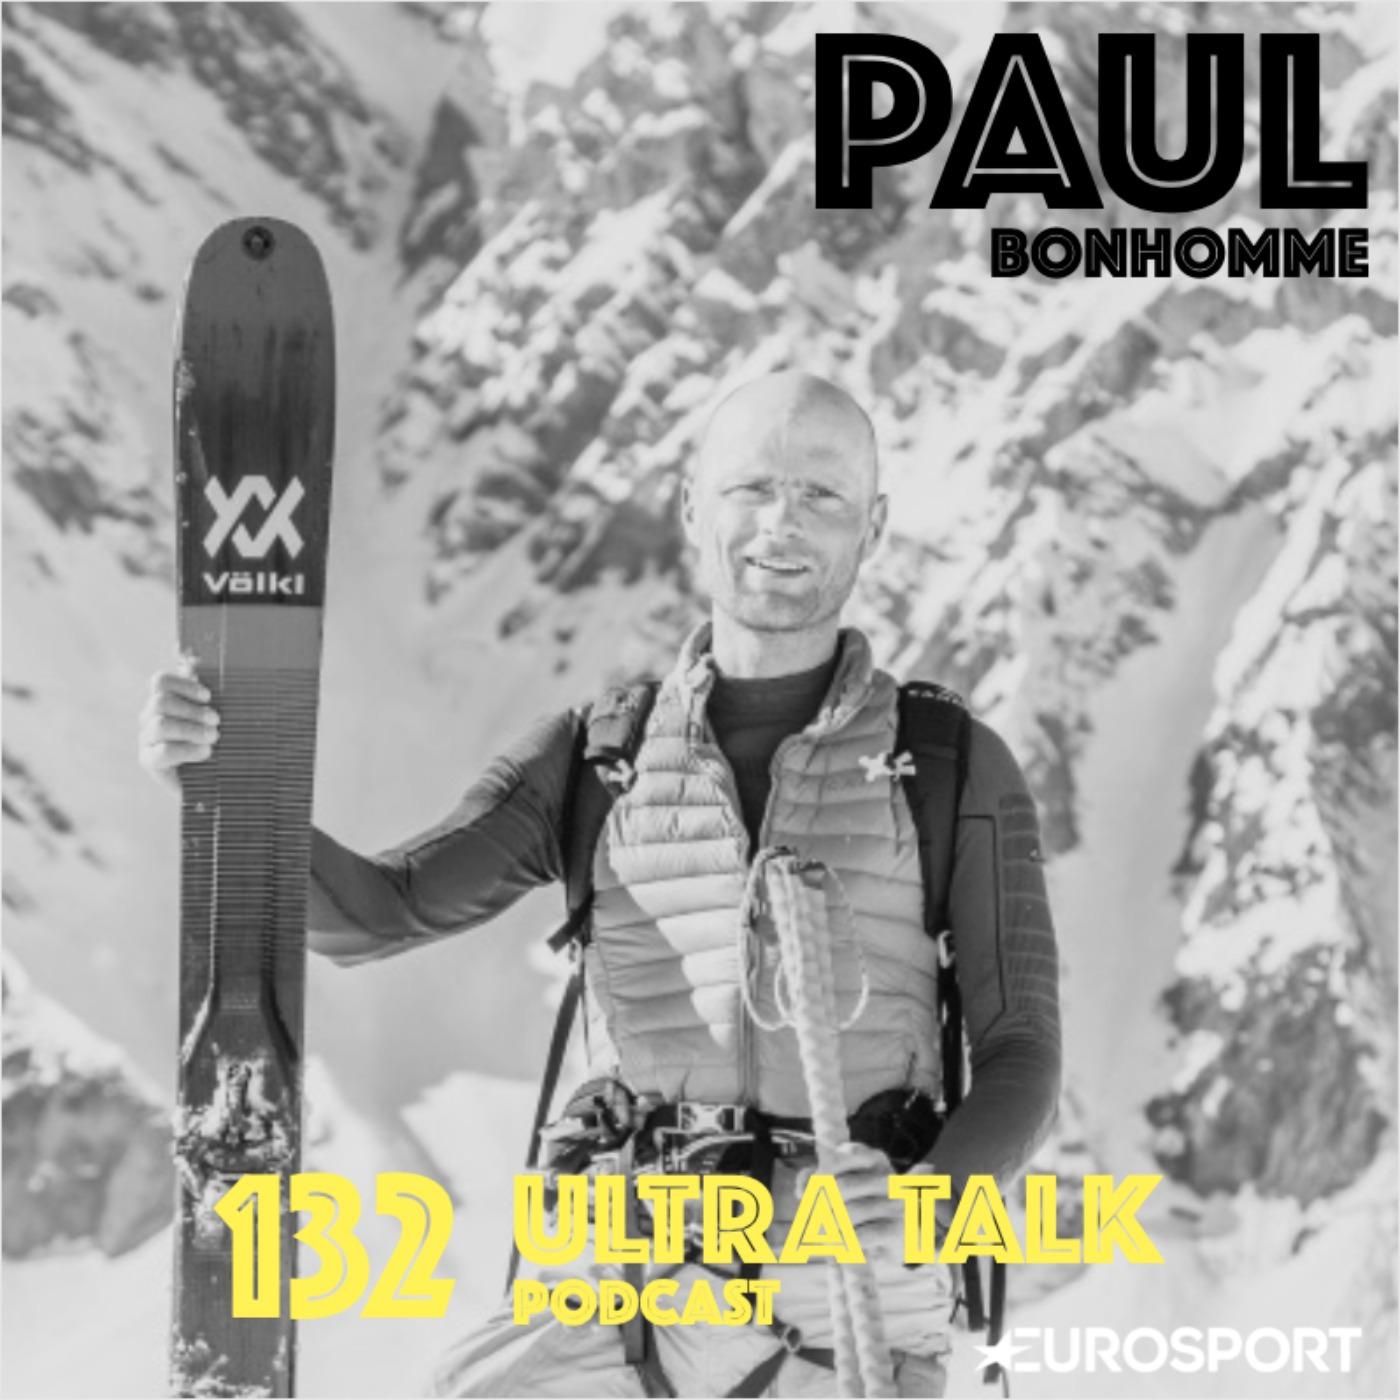 """Paul Bonhomme - """"La montagne lui a pris son frère alors il a baptisé une voie en son nom !"""""""